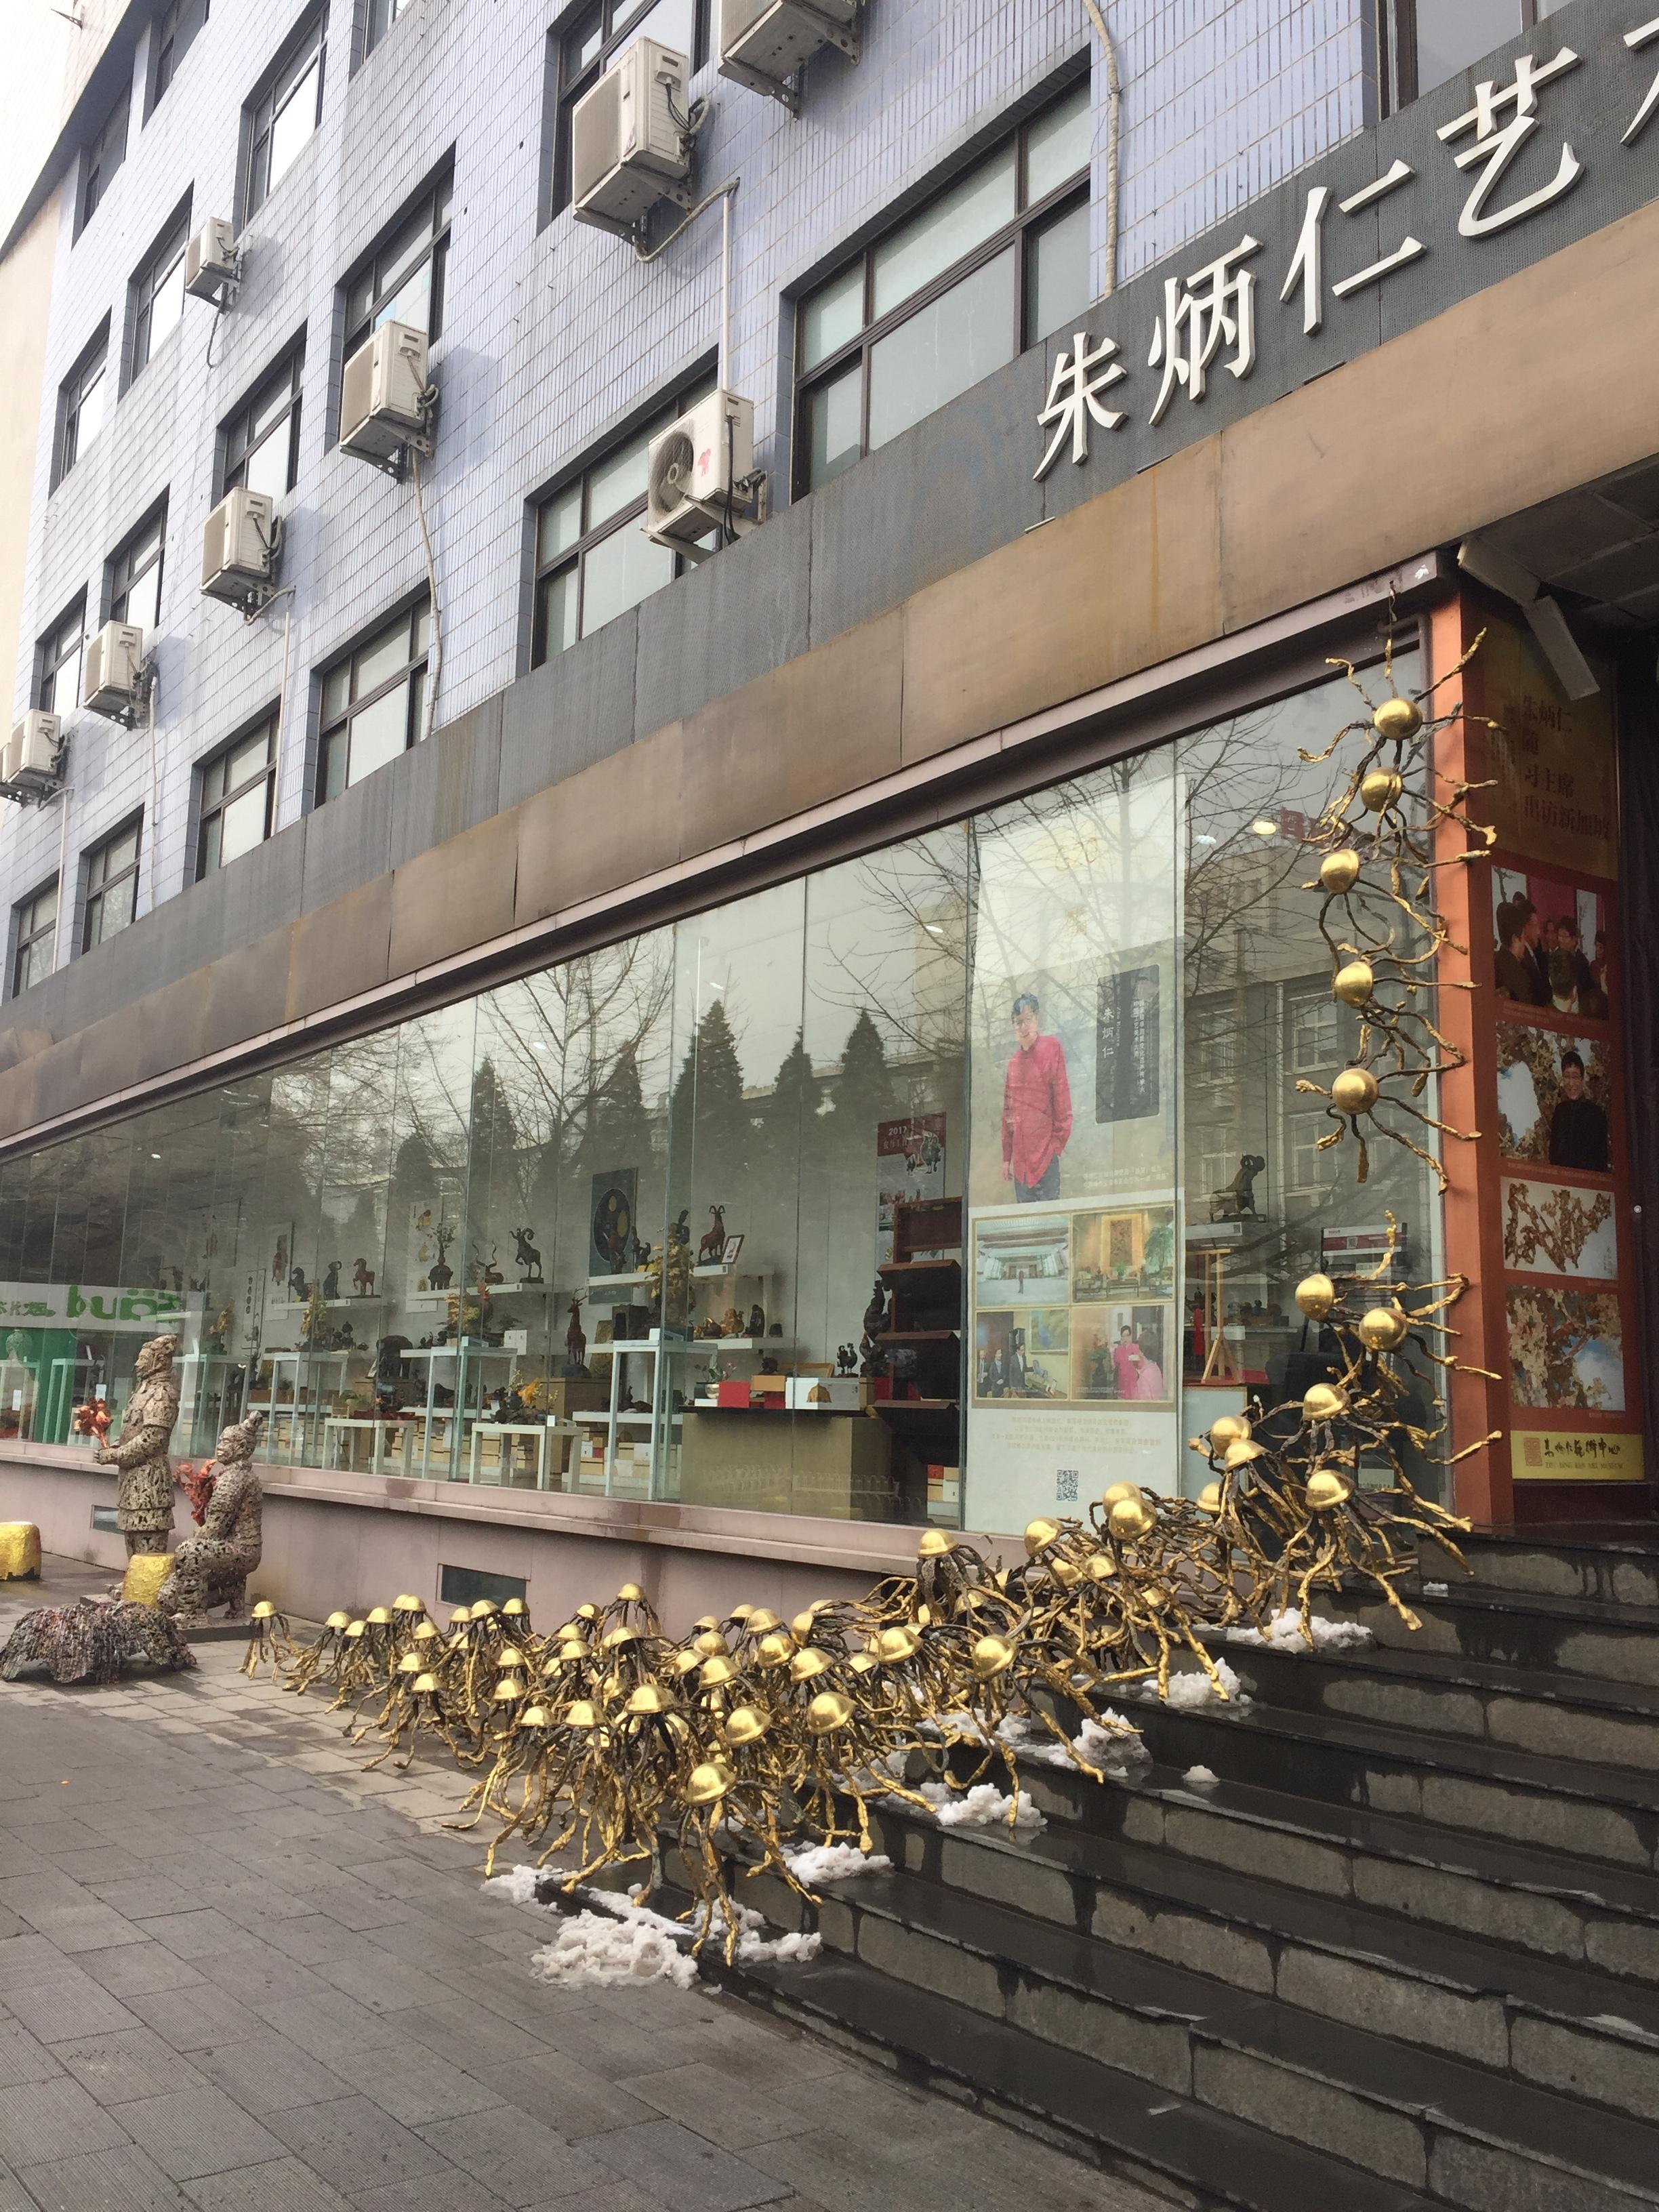 Exploring the art disctrict, Beijing 798